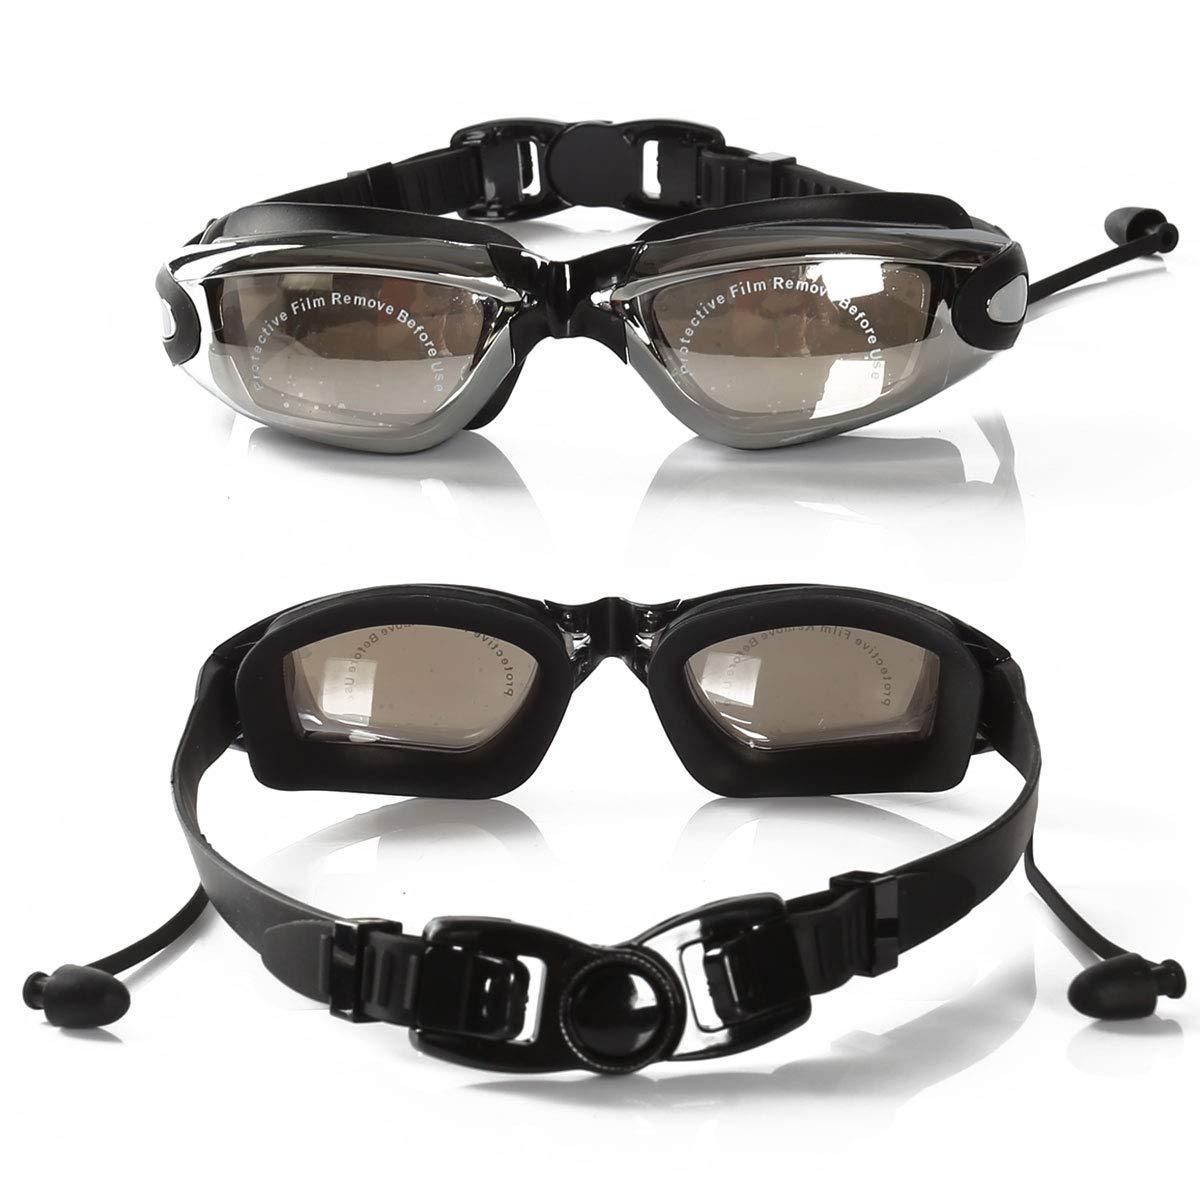 SPOTACT Gafas de Nataci/ón Transparente Anti Niebla Protecci/ón UV Sin Fugas Lente Transparente Gafas de Nataci/ón de Moda para Adultos Hombre//Mujer Adolescentes Ni/ños